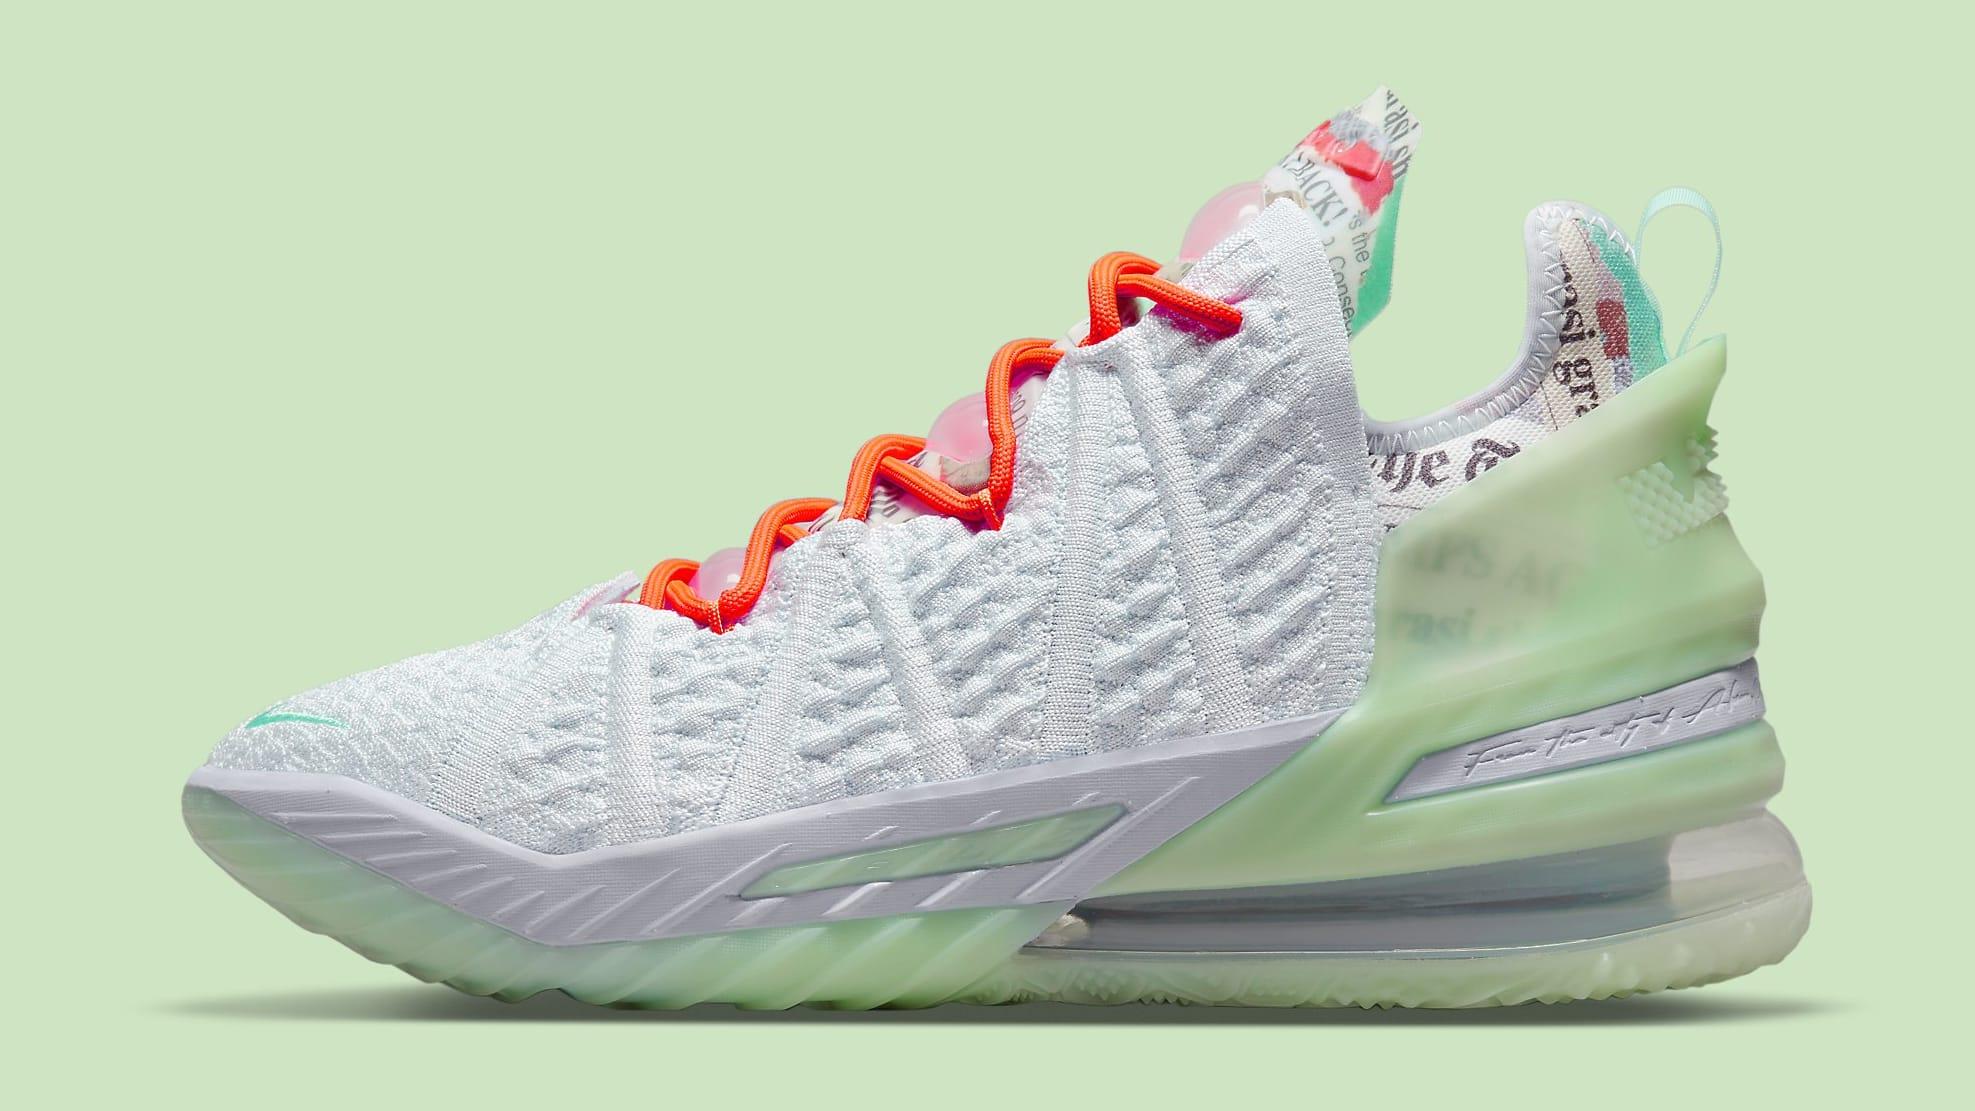 Diana Taurasi x Nike LeBron 18 PE CQ9283-401 Lateral